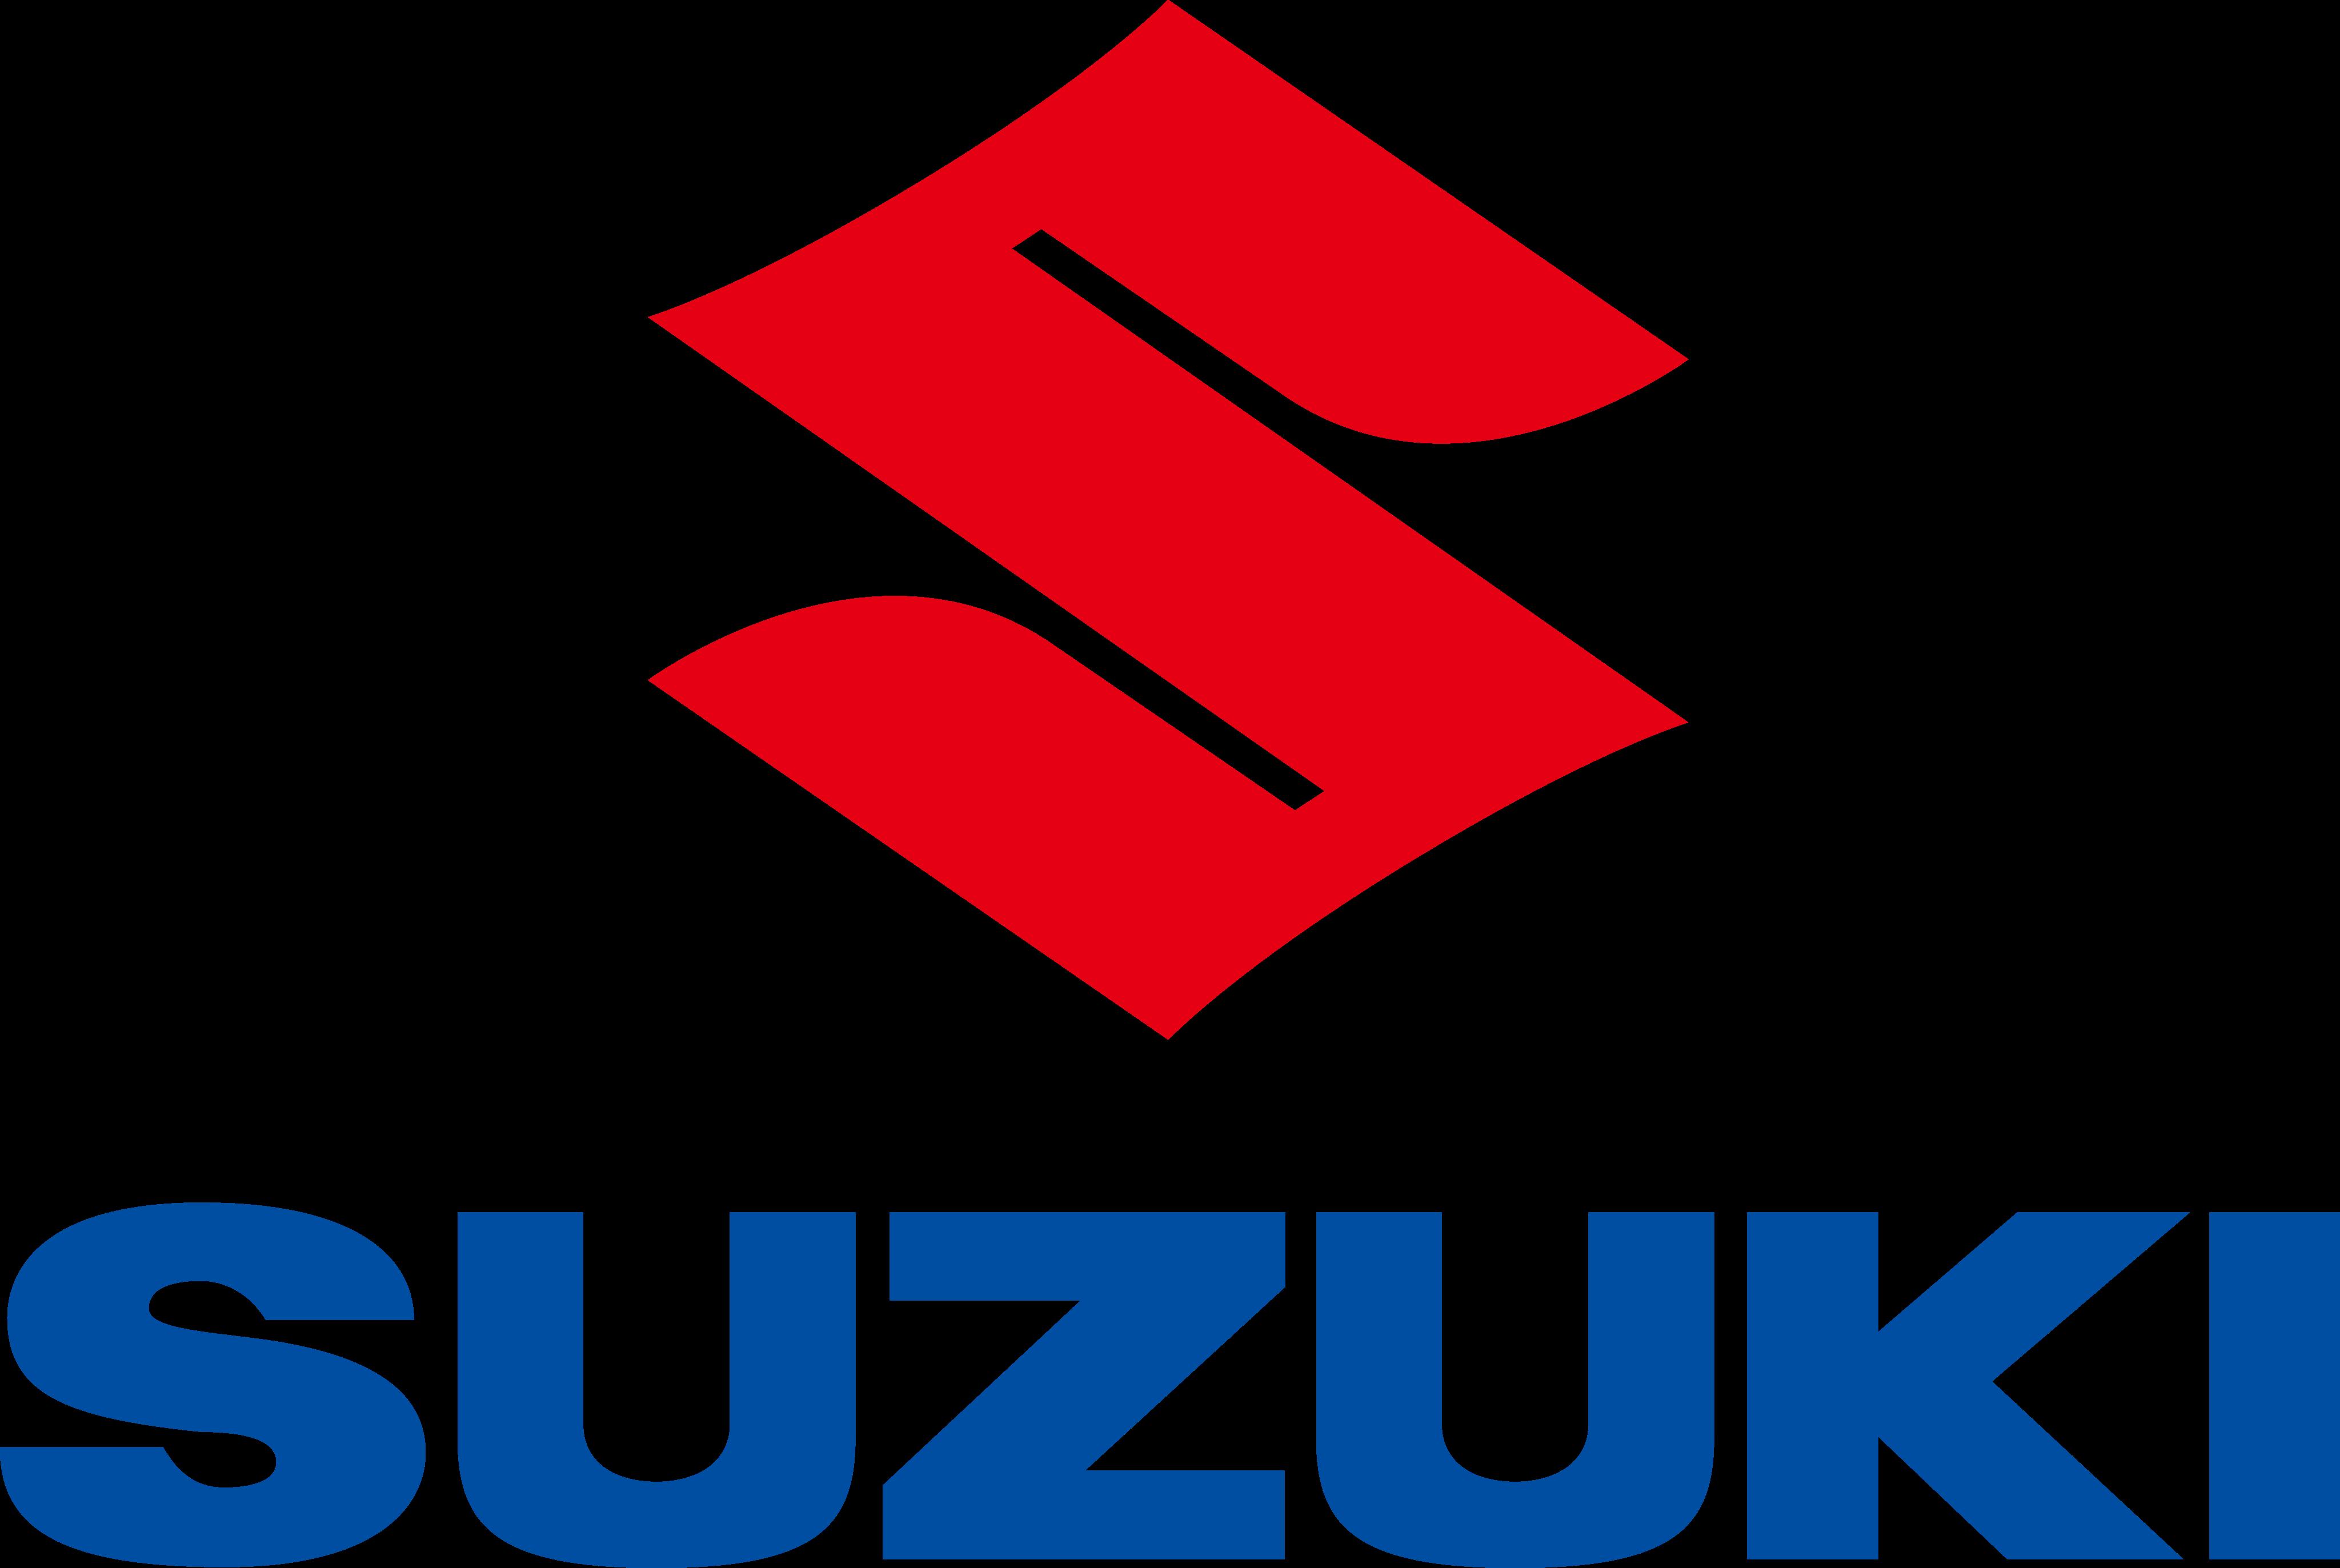 Suzuki OTR.id